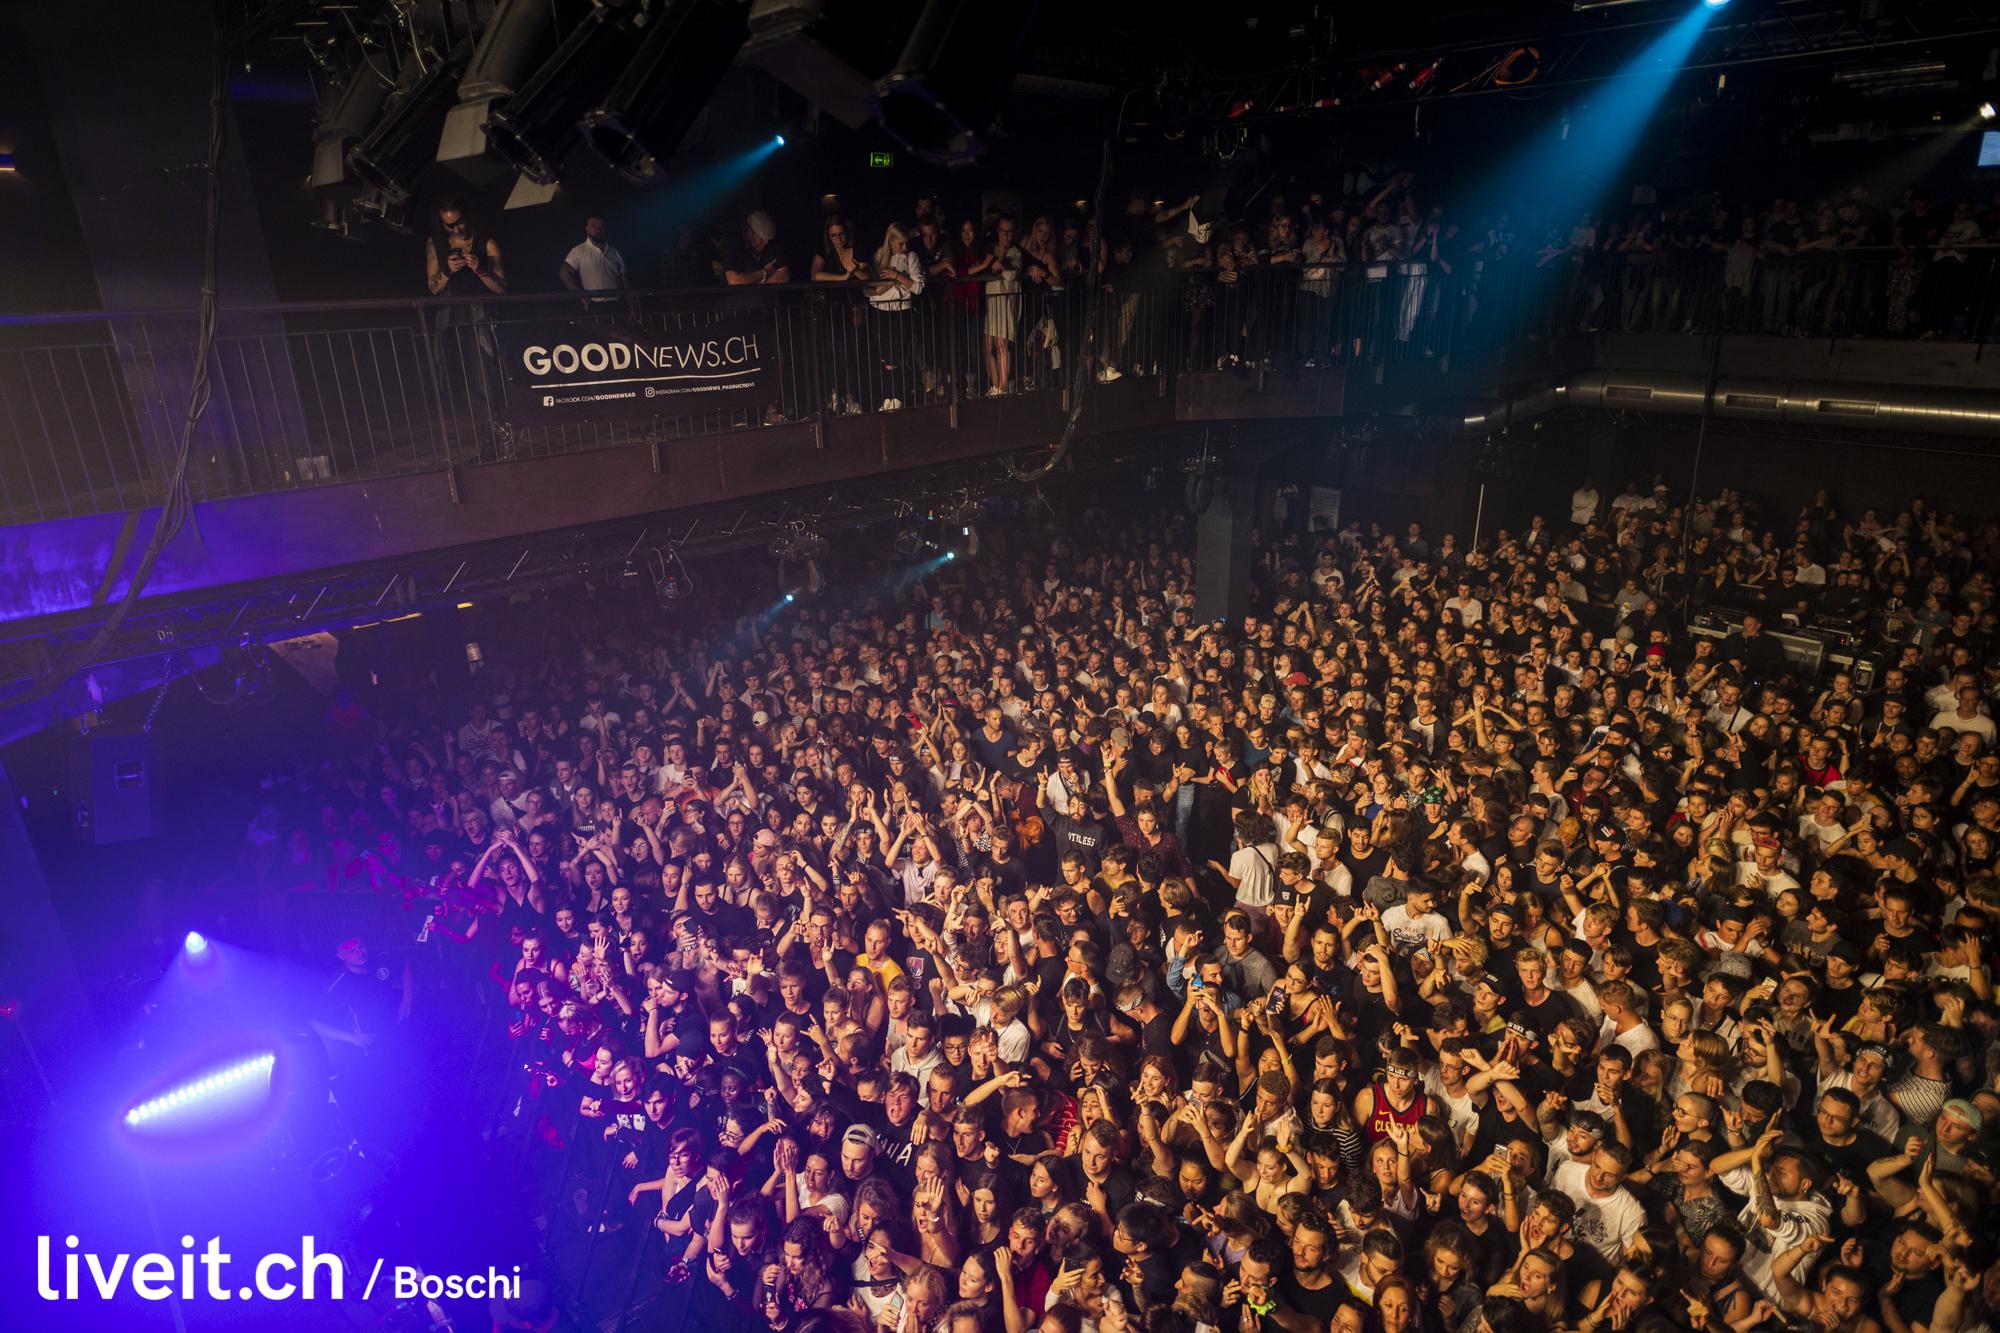 Clubshow Machinegunkelly im Komplex457 Zürich (liveit.ch/boschi)